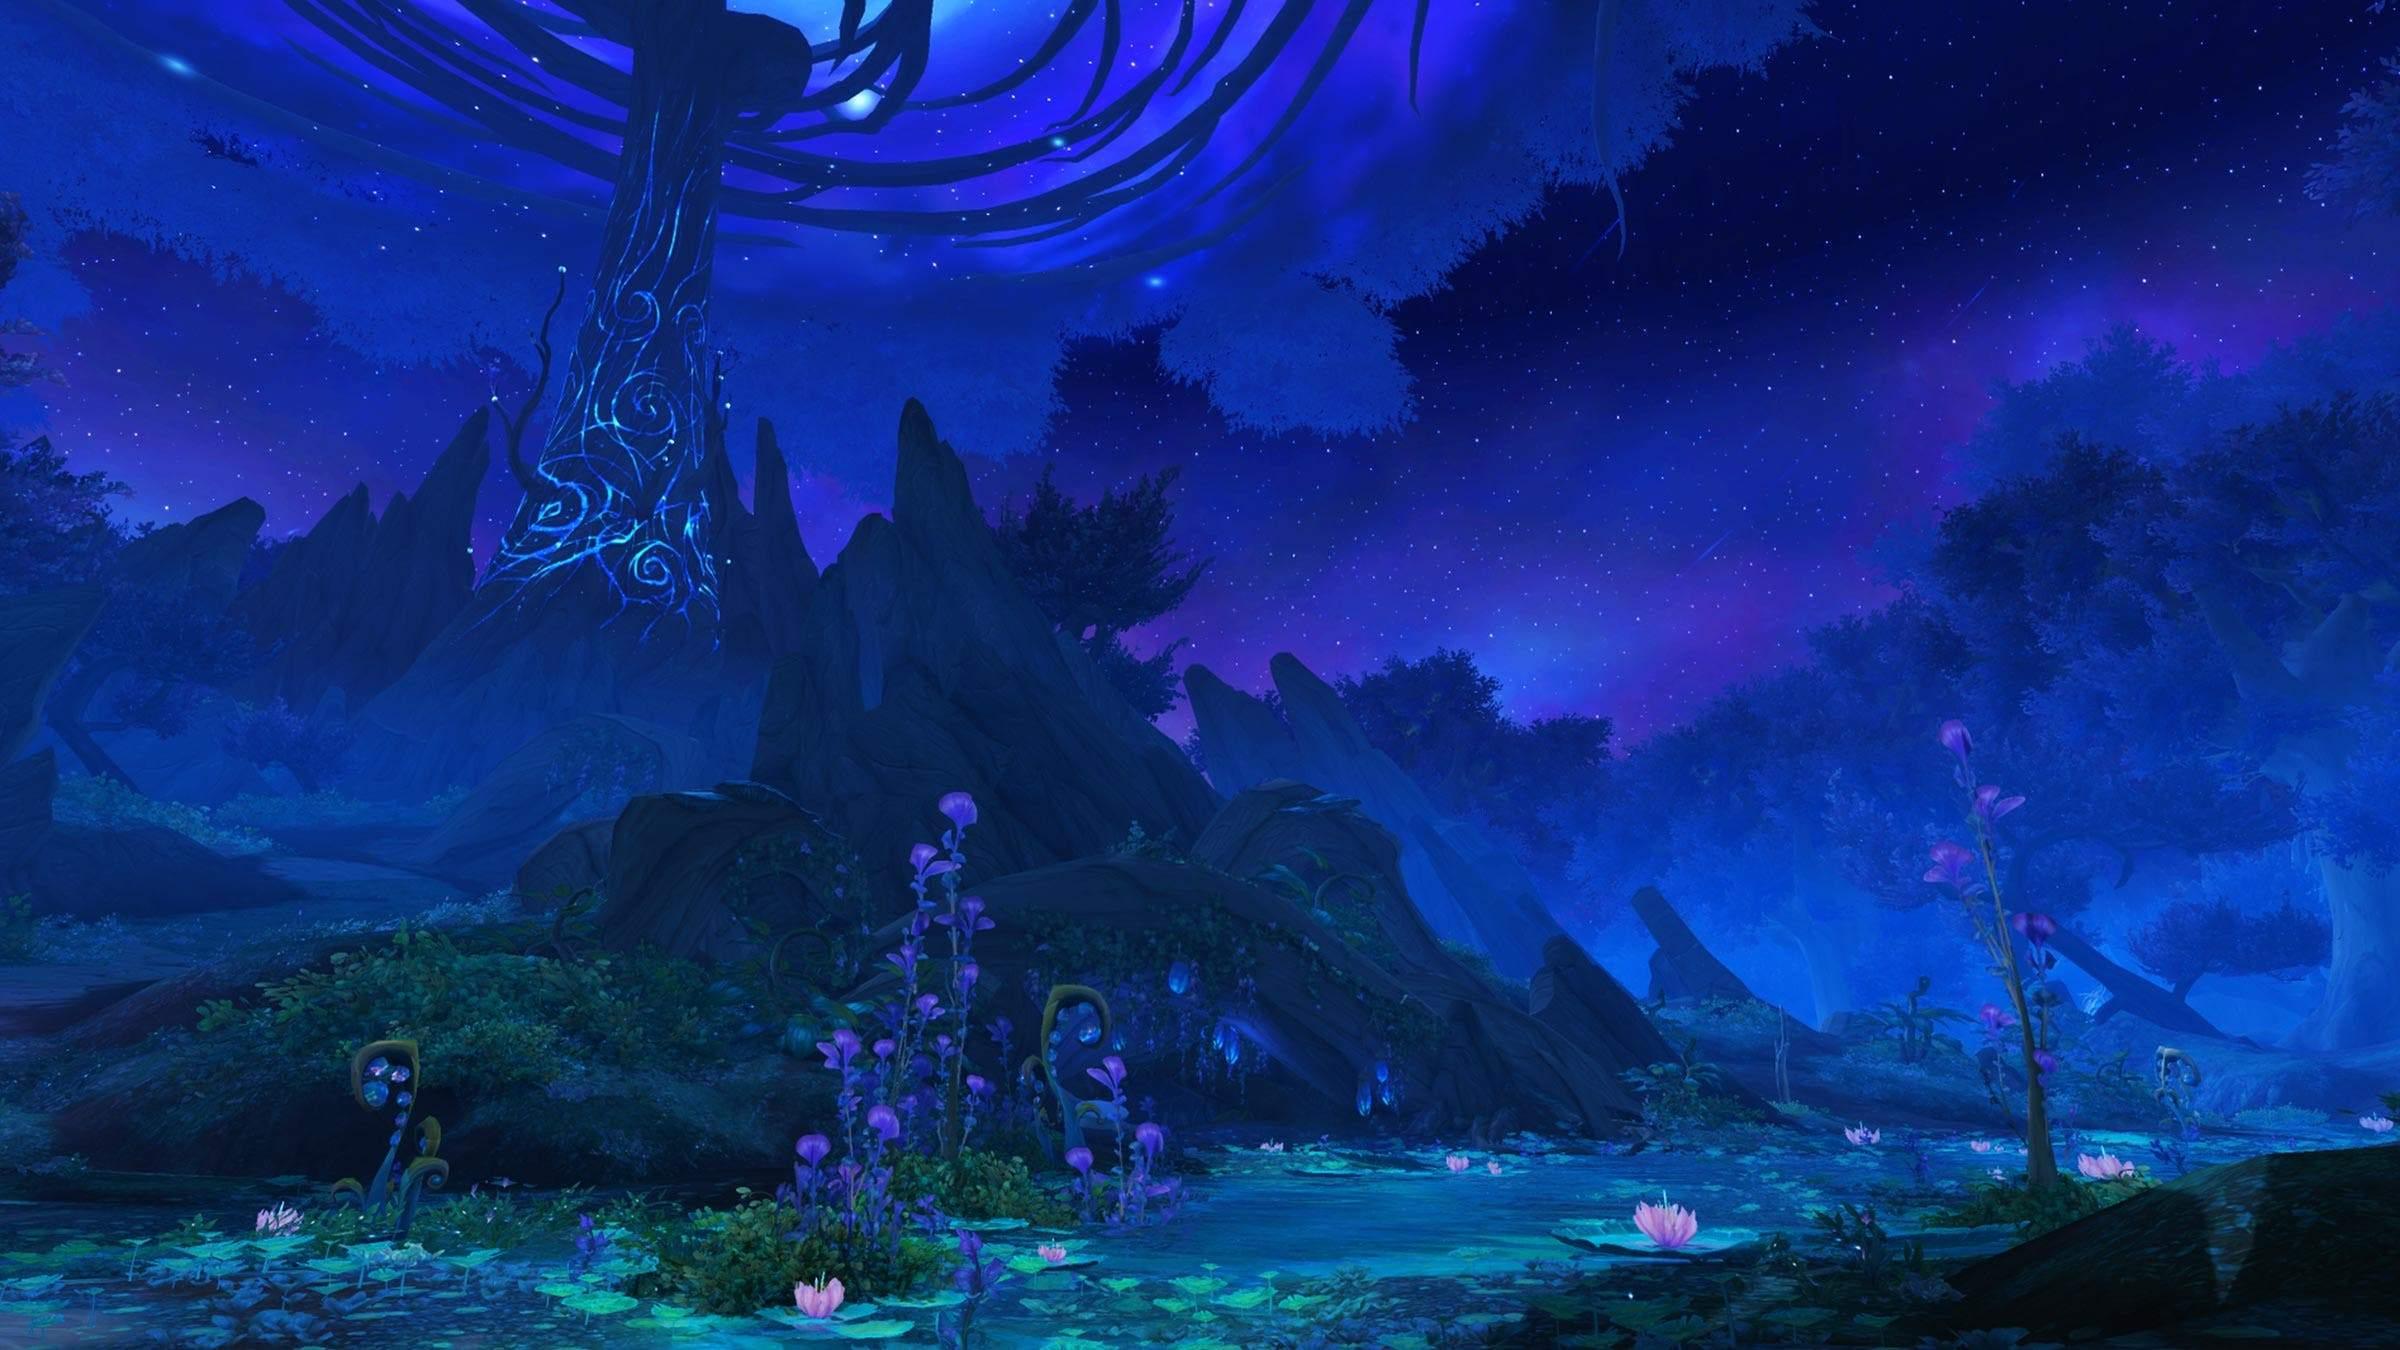 Cenário escurecido de World of Warcraft, mostrando uma região com florestas e montanhas, com uma torre emitindo magia ao fundo